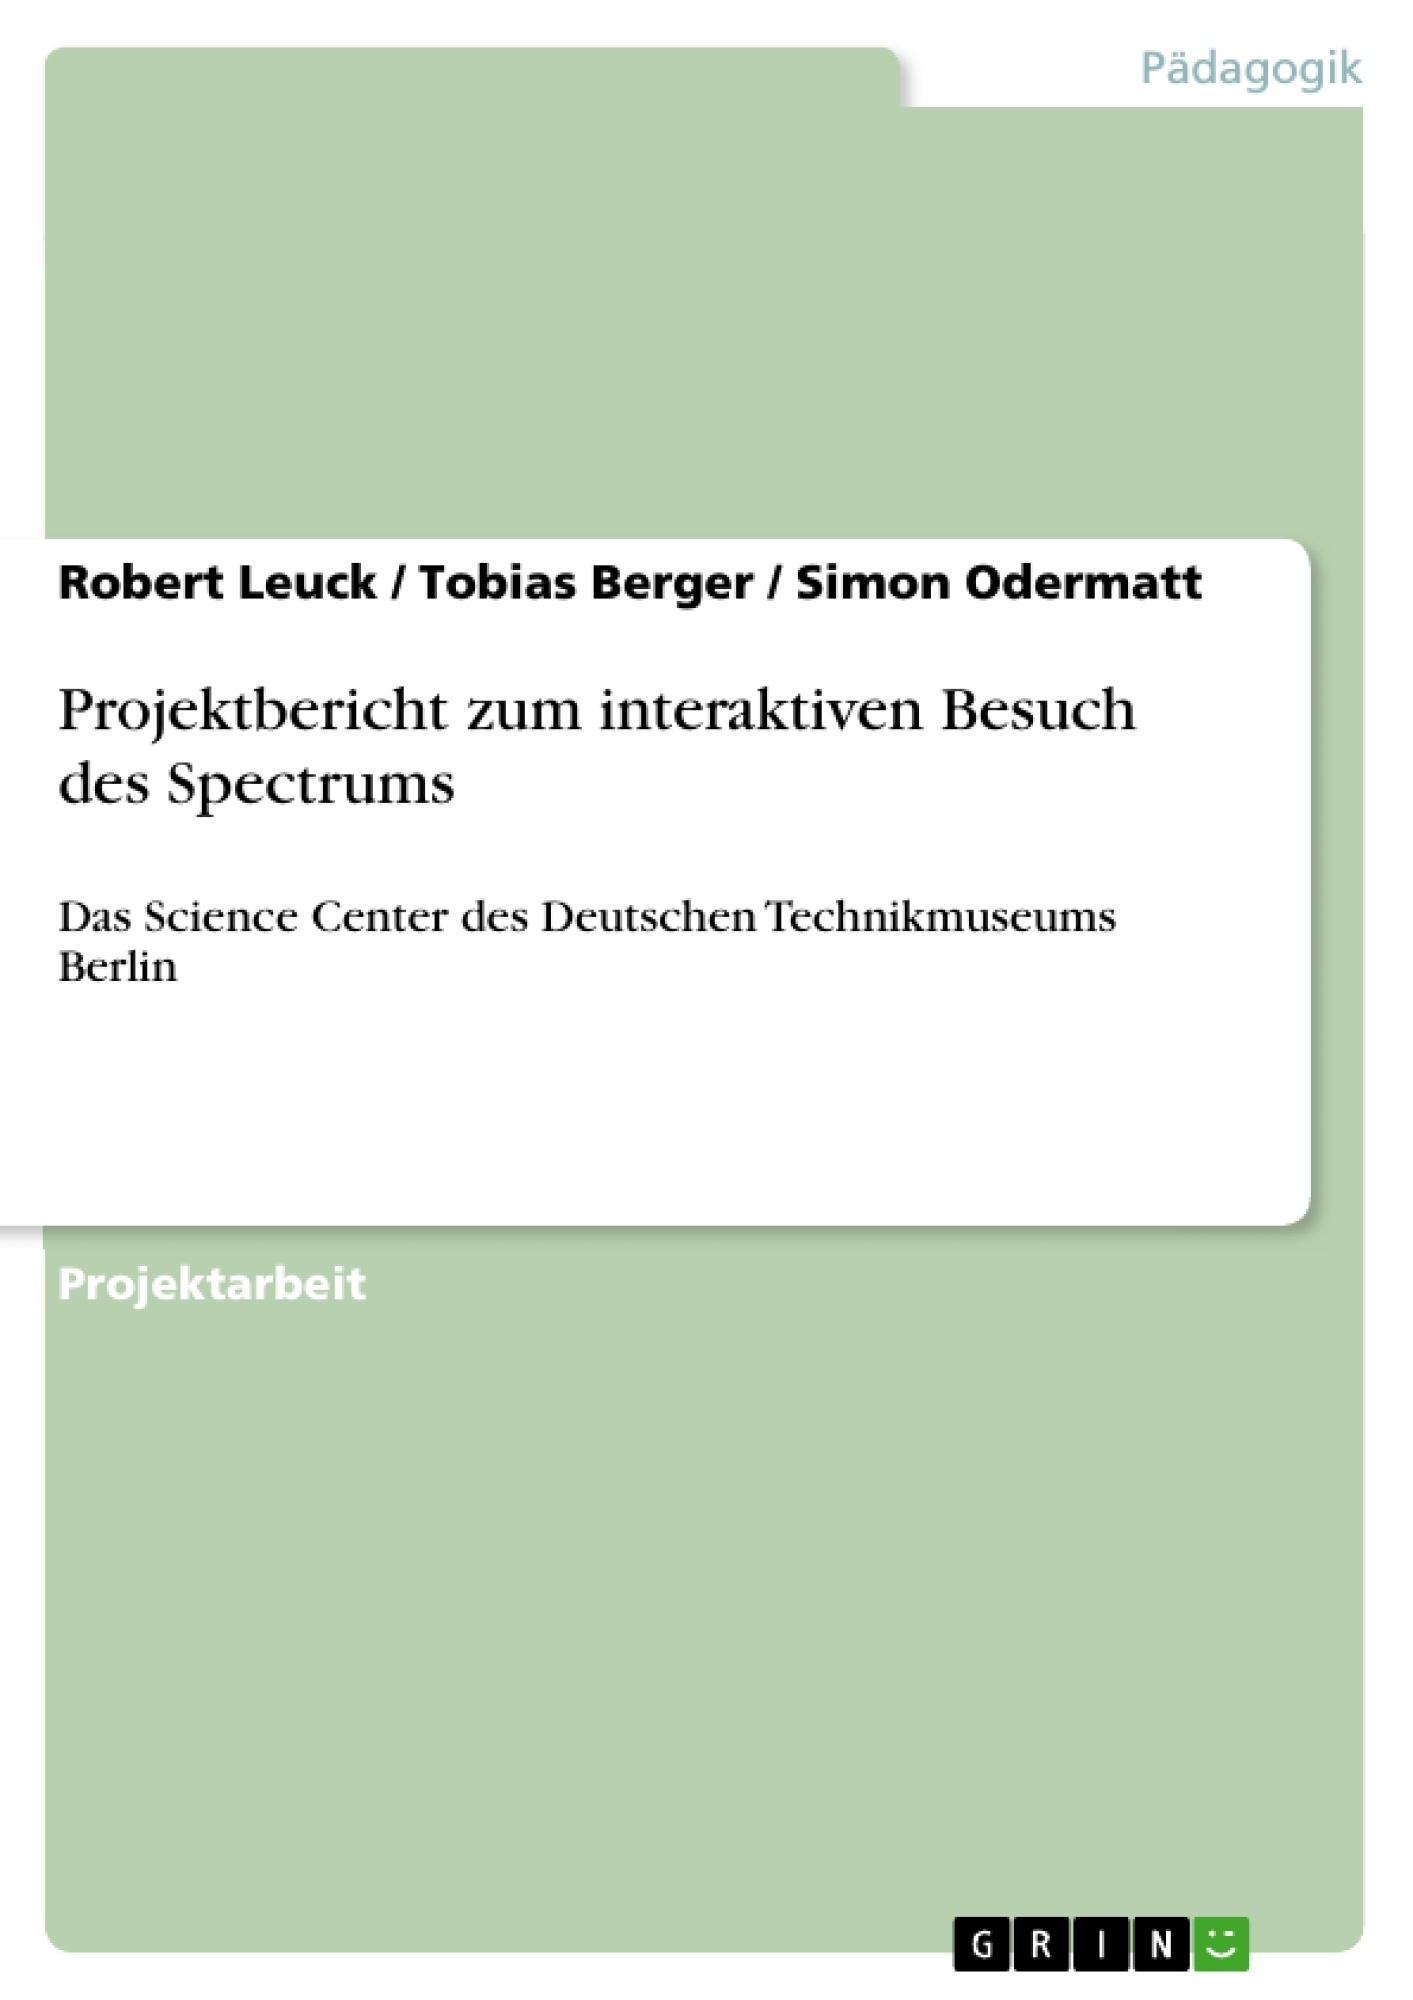 Titel: Projektbericht zum interaktiven Besuch des Spectrums